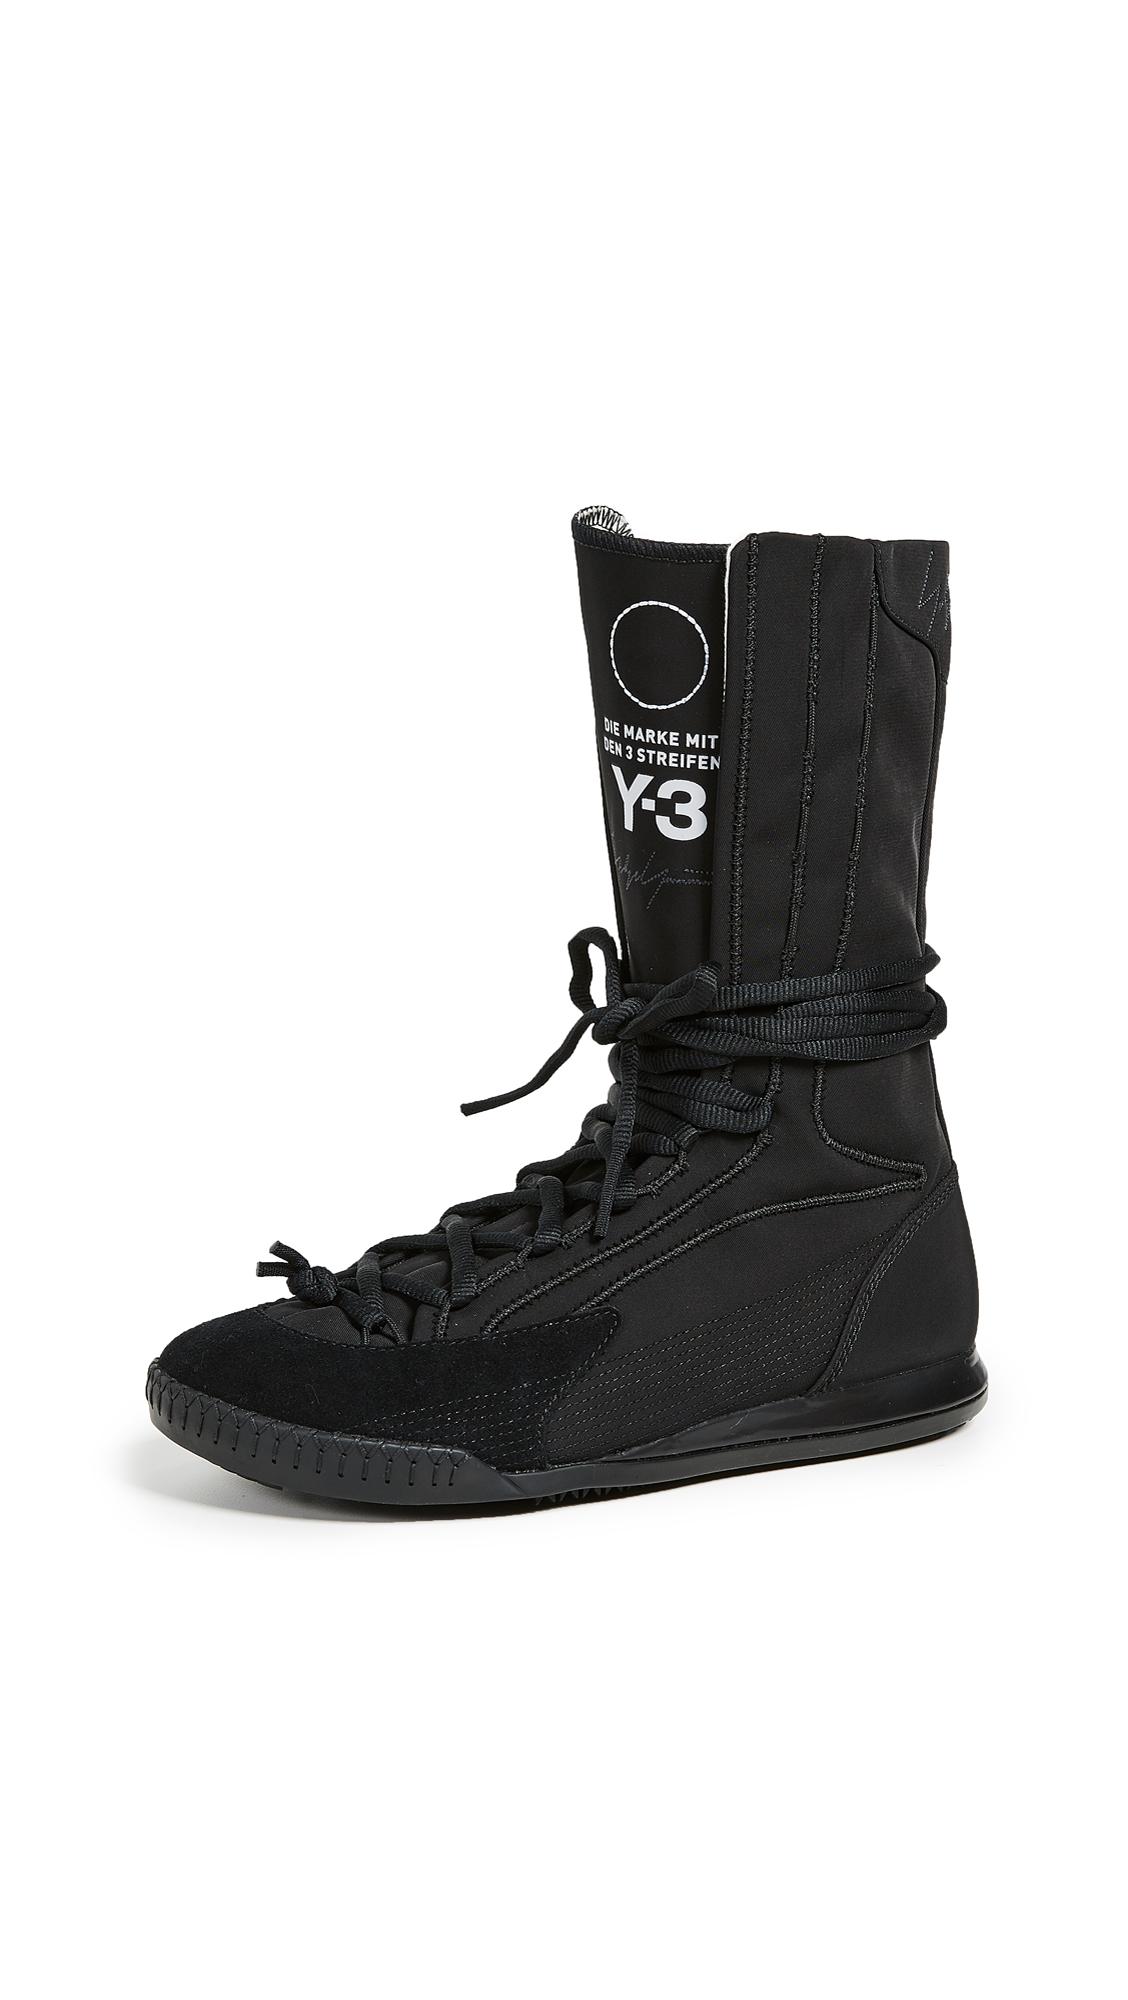 Y-3 Y-3 Yuuki Sneakers